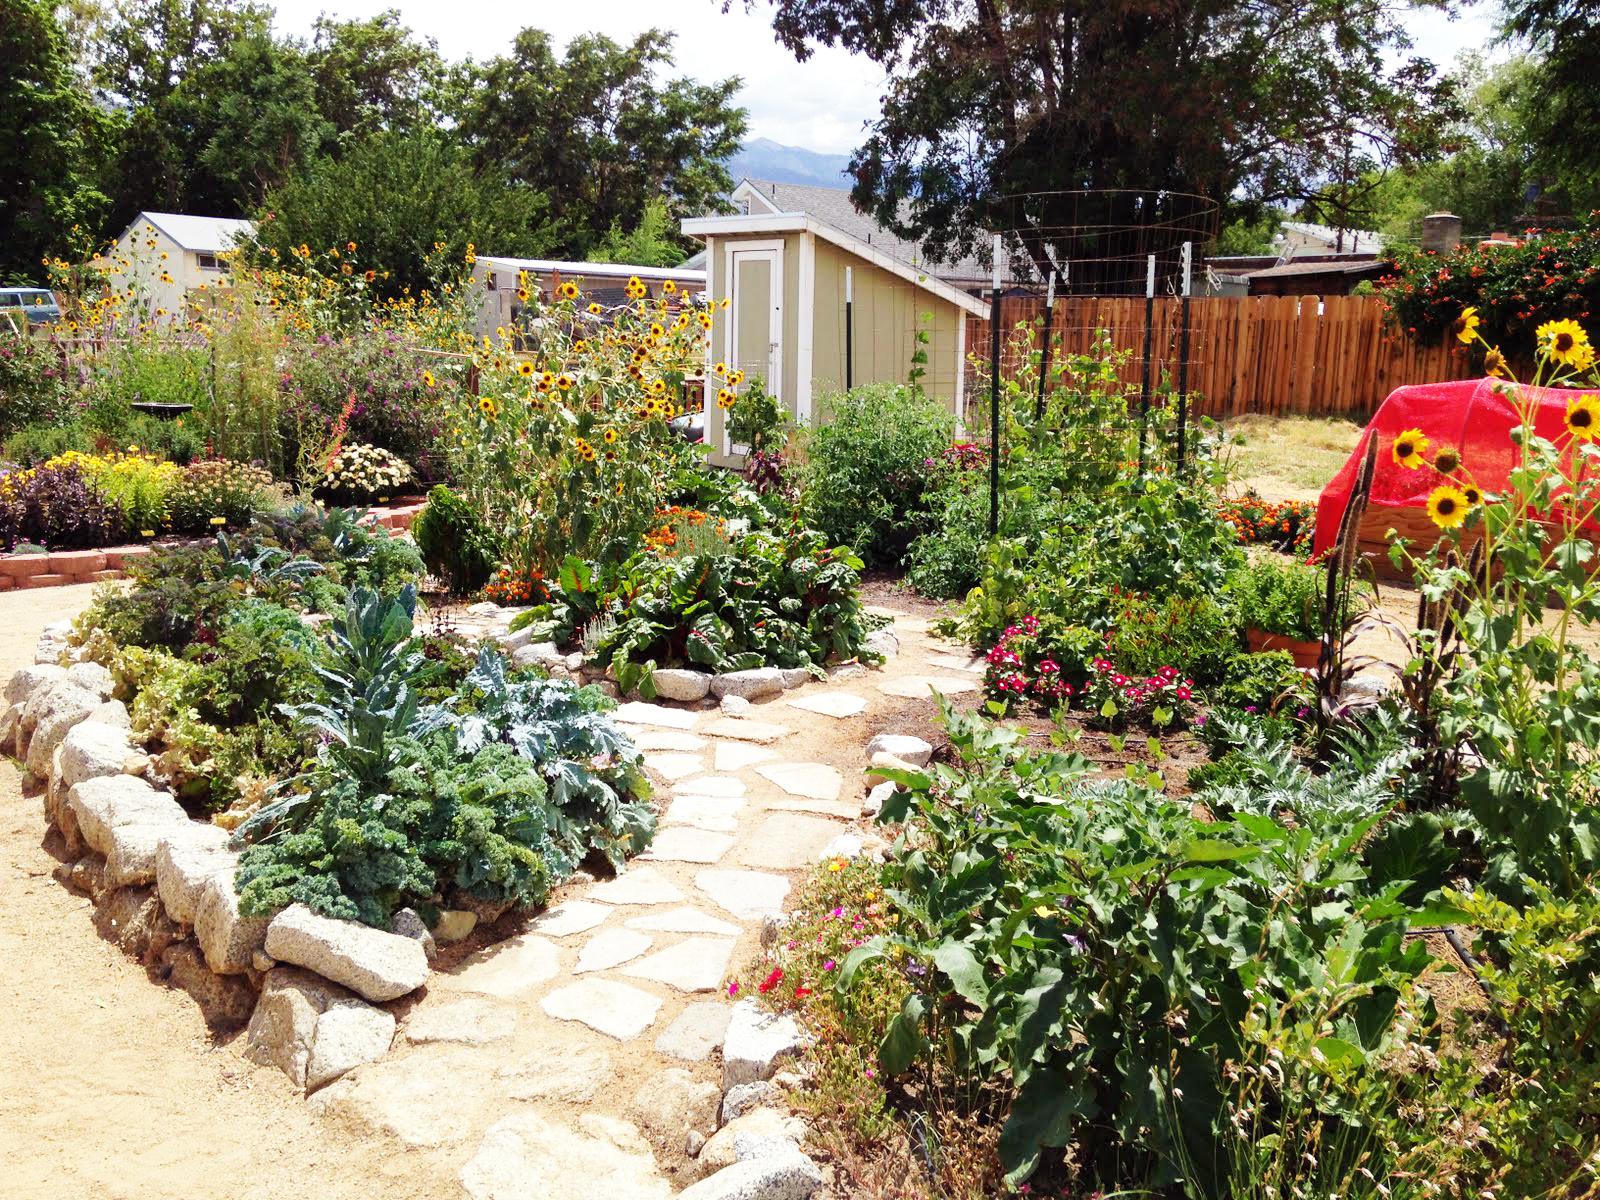 eslt s pollinator garden tour set for saturday sierra wave